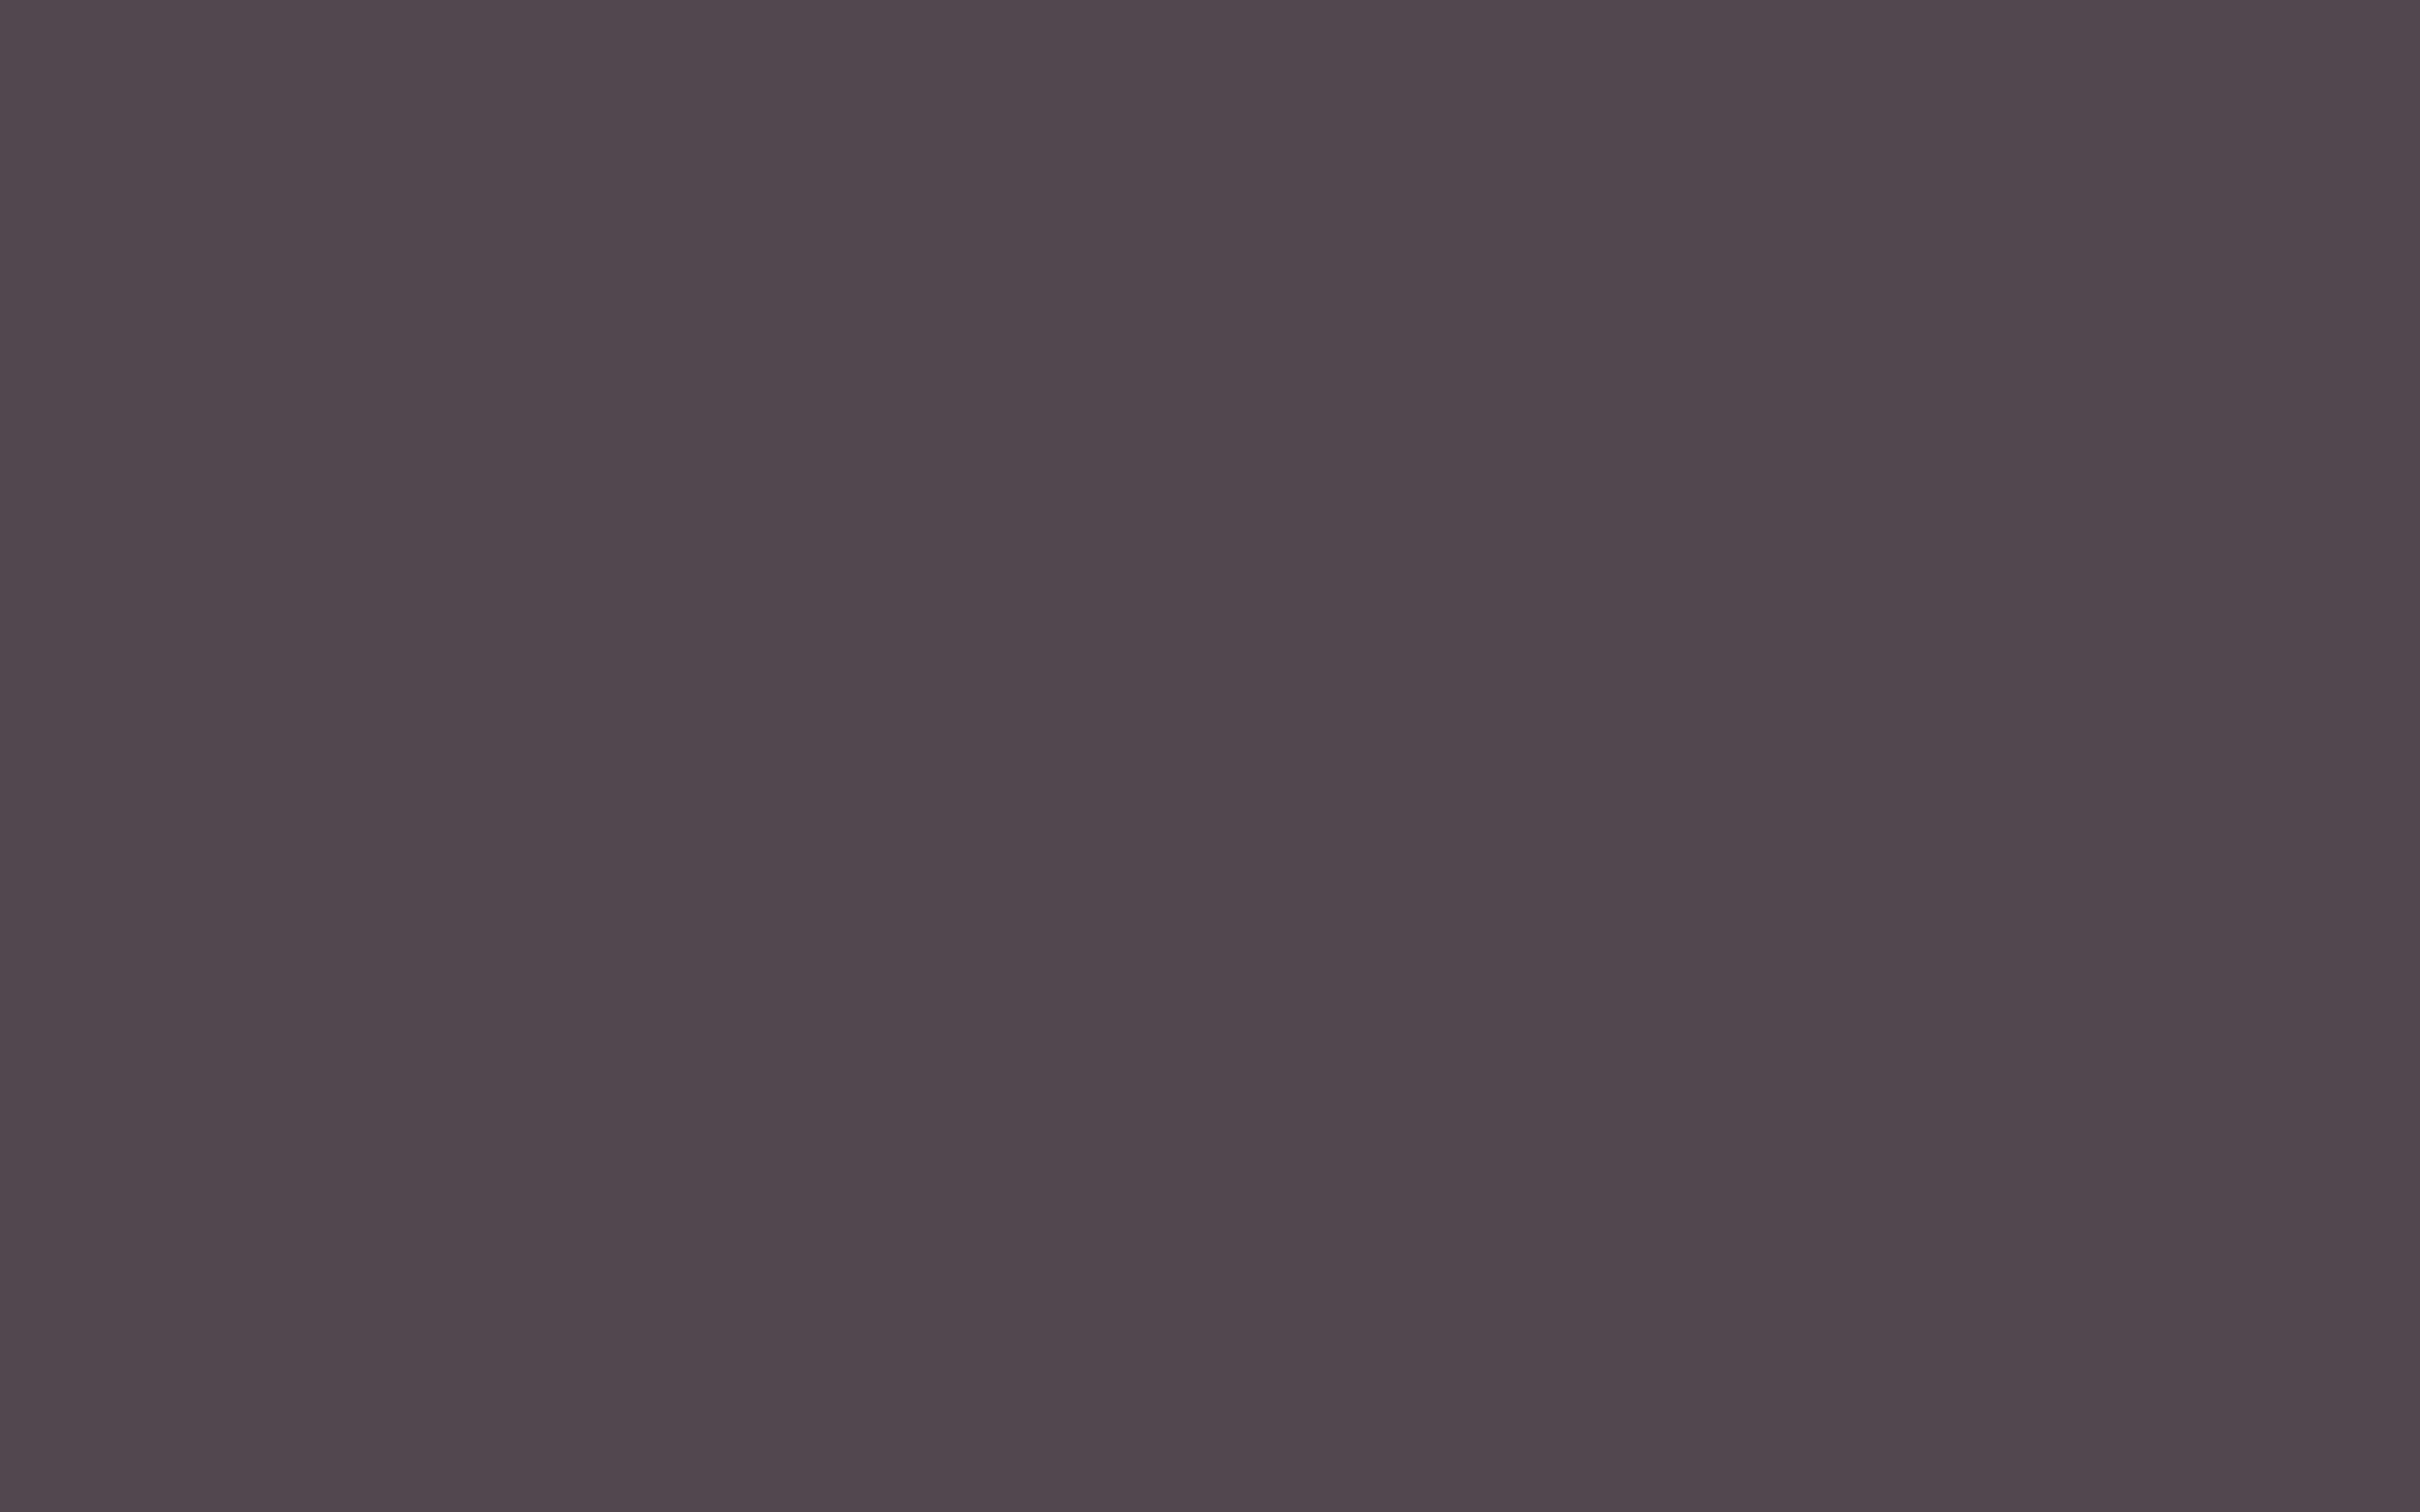 2560x1600 Quartz Solid Color Background